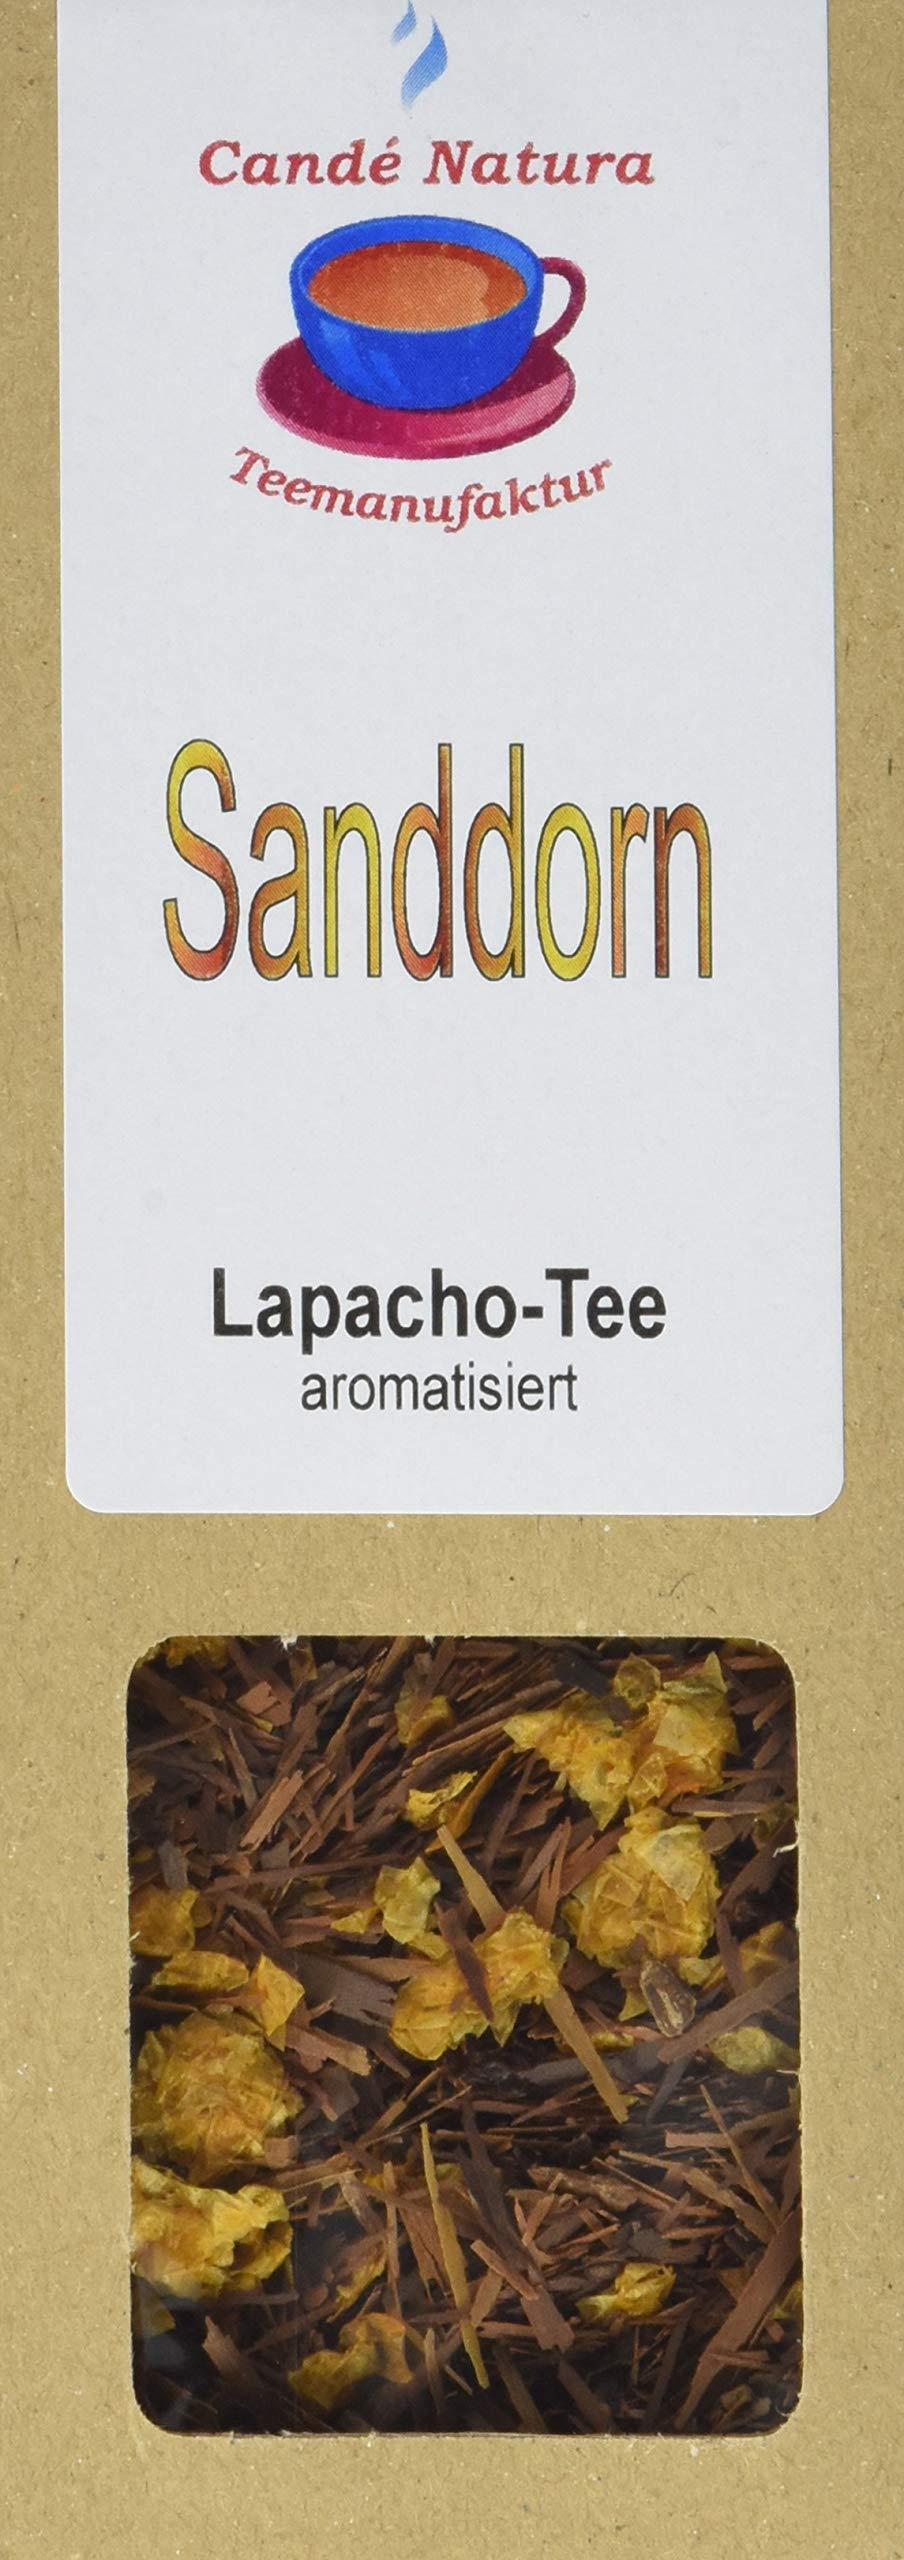 Cand-Natura-Teemanufaktur-Lapacho-Sanddorn-Rindenteemischung-aromatisiert-5er-Pack-5-x-60-g